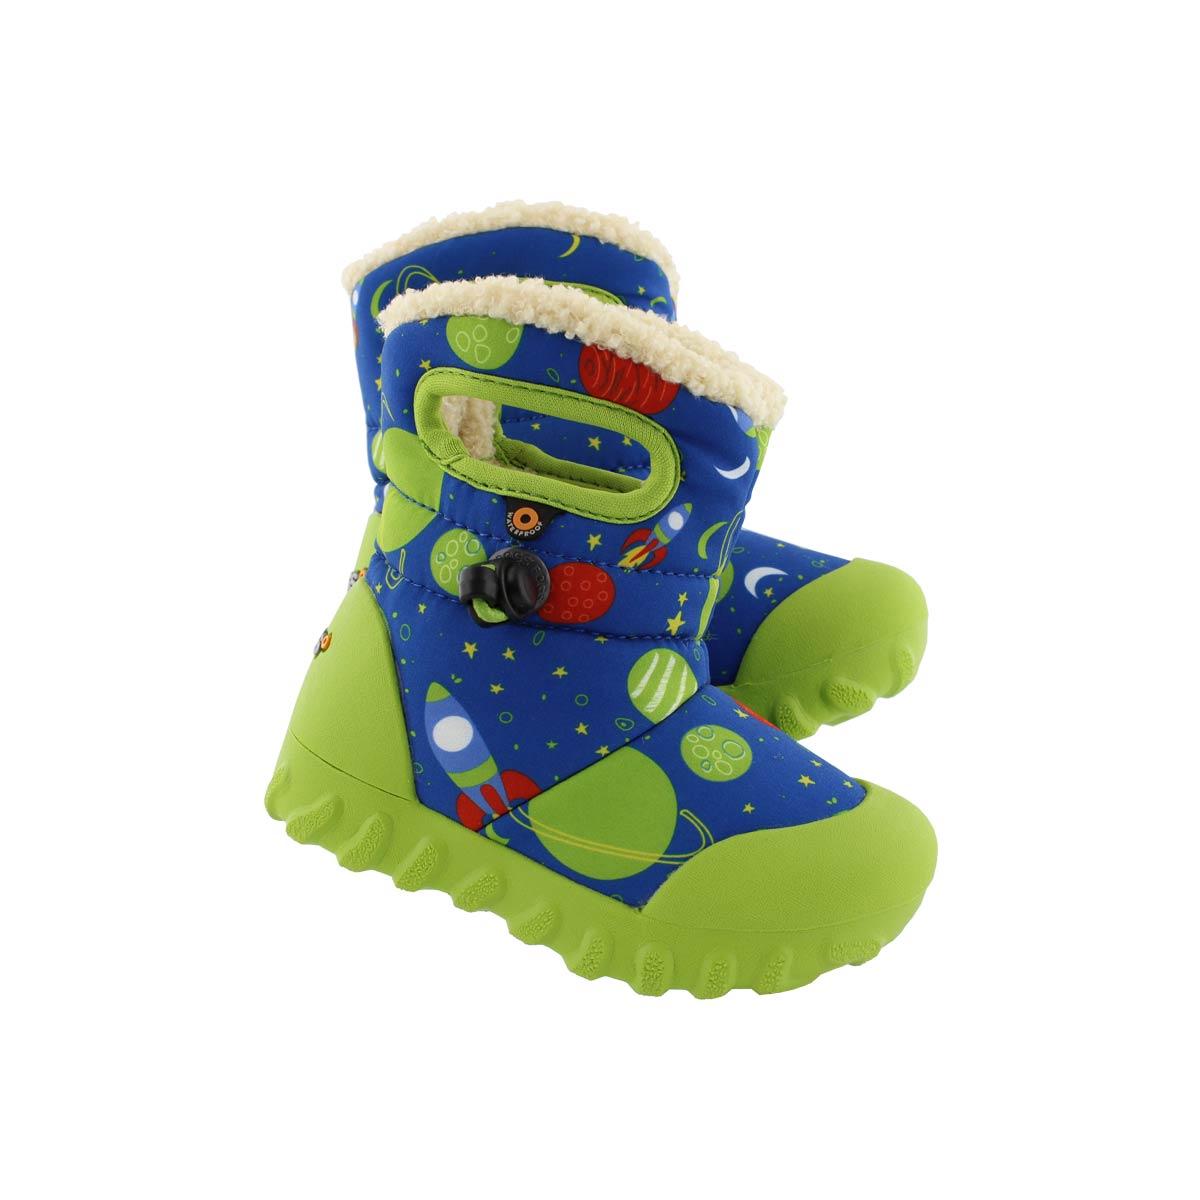 Inf-b B-Moc Space blu mlti wtpf boot